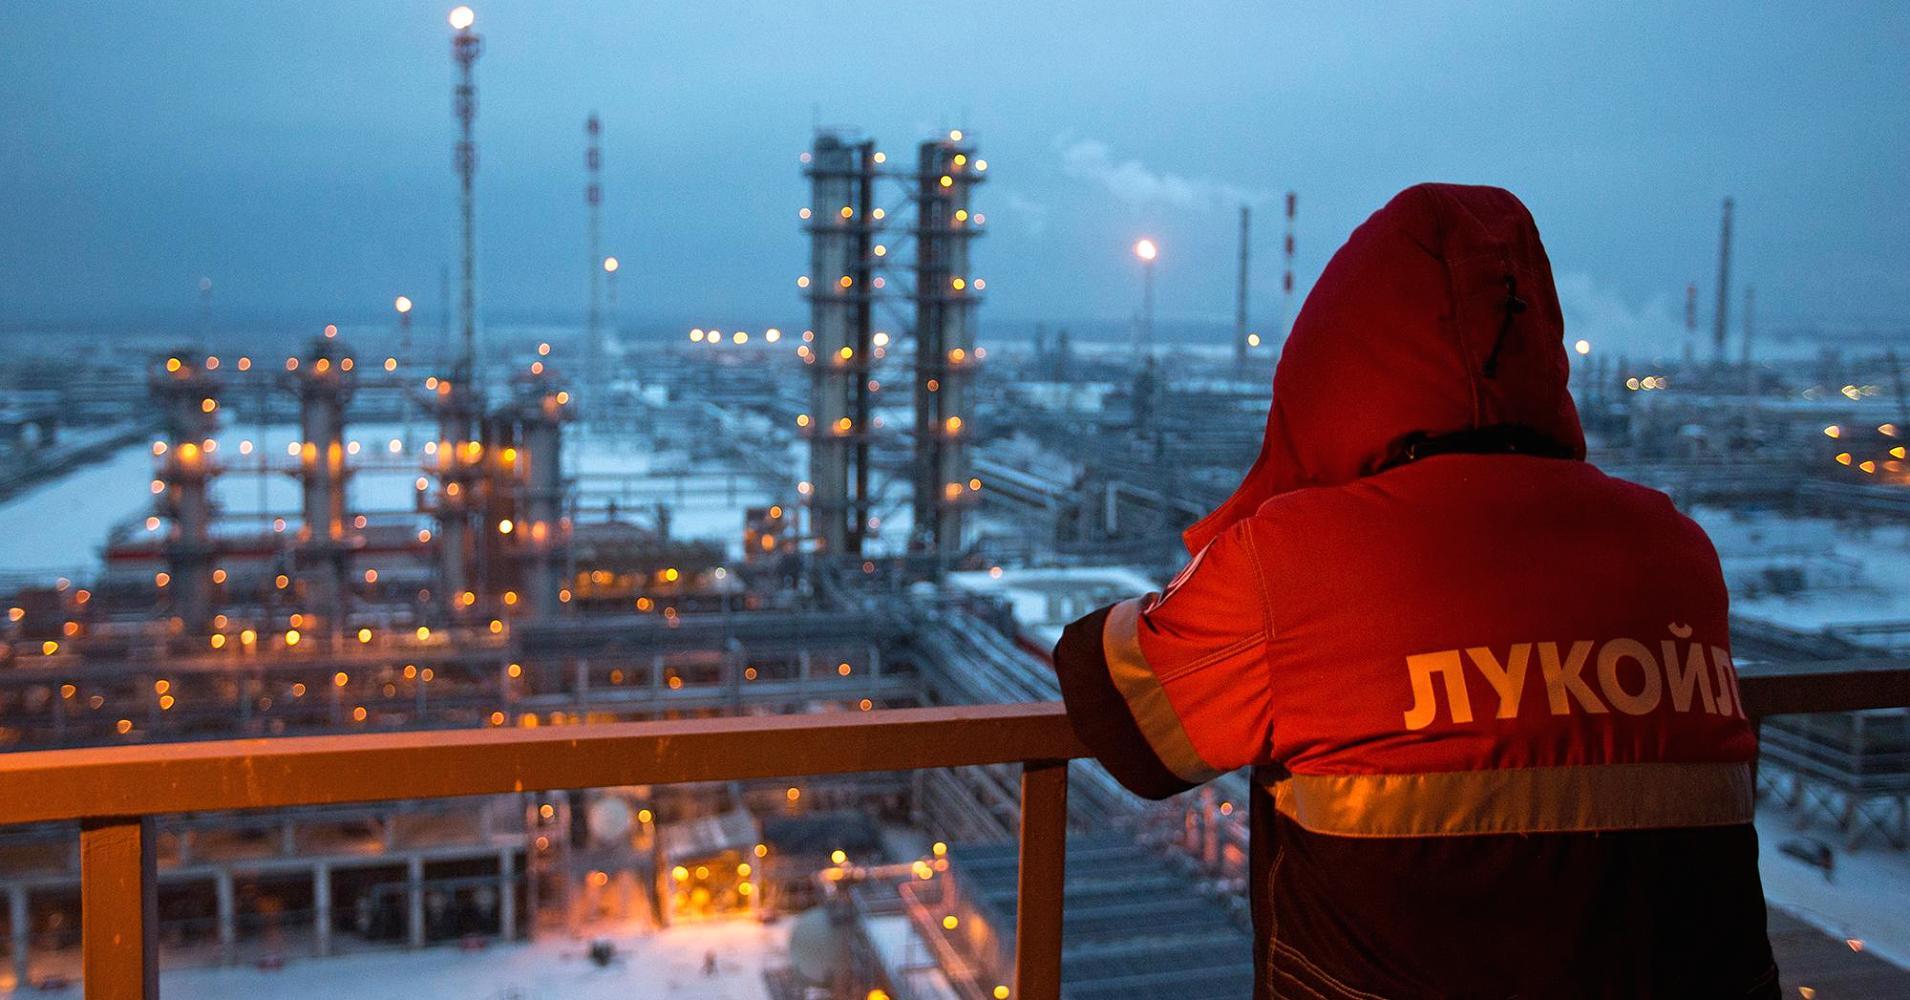 باشگاه خبرنگاران -ایران از کنسرسیوم اروپایی و آسیایی برای تولید نفت استقبال میکند